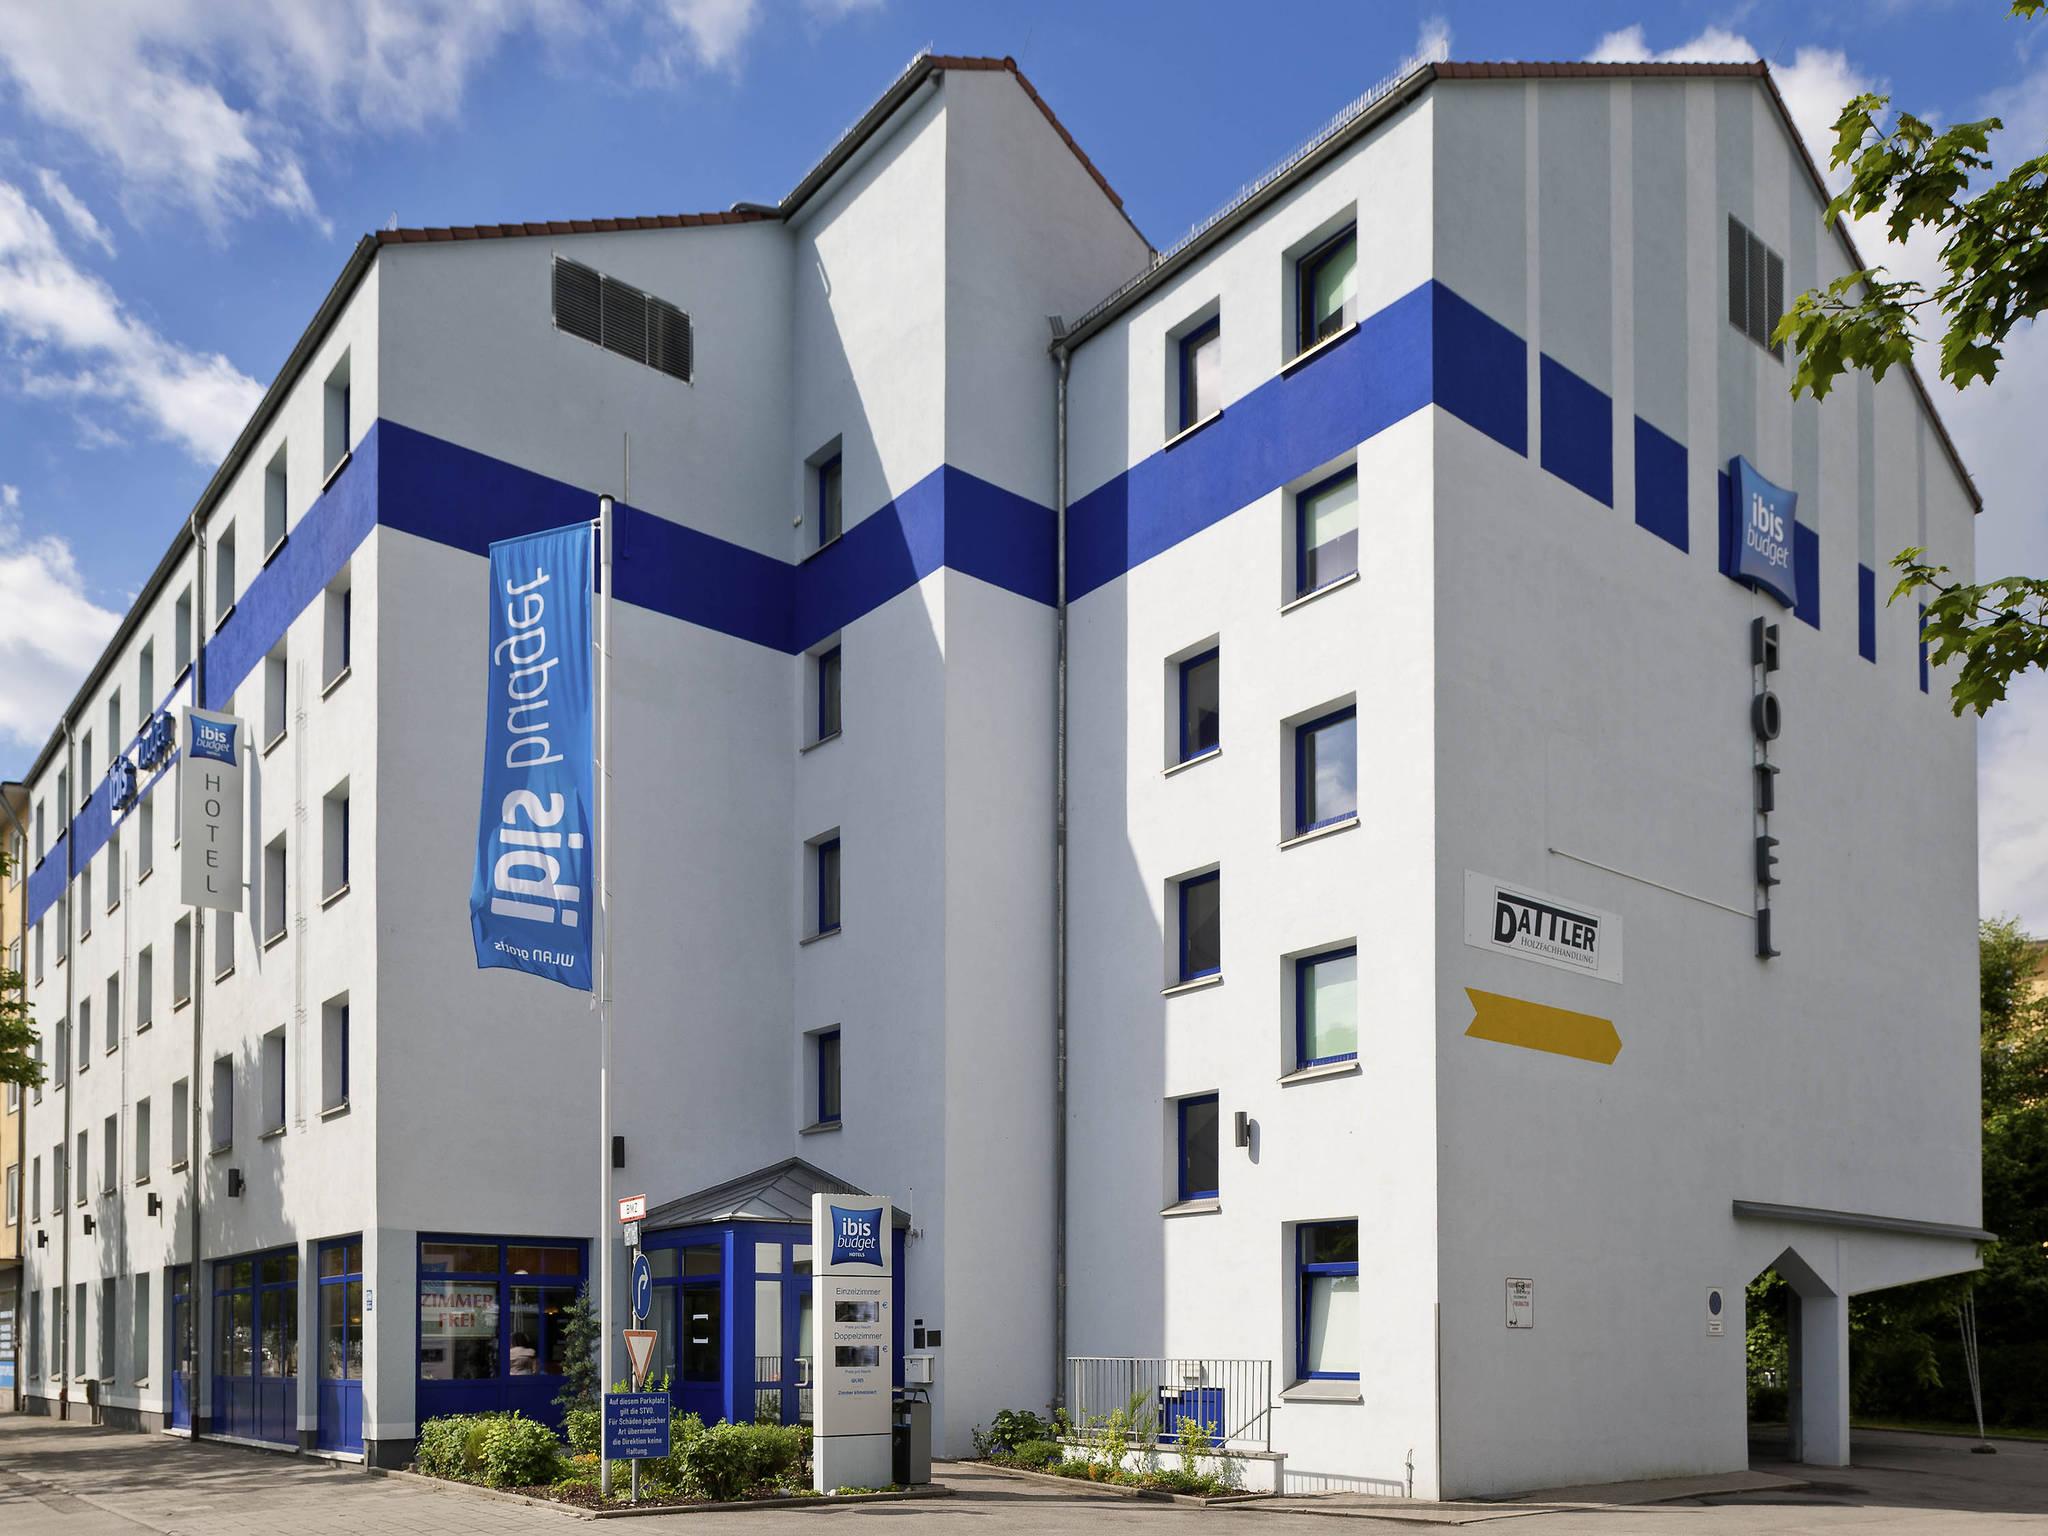 Hotel – ibis budget Munique City Sued